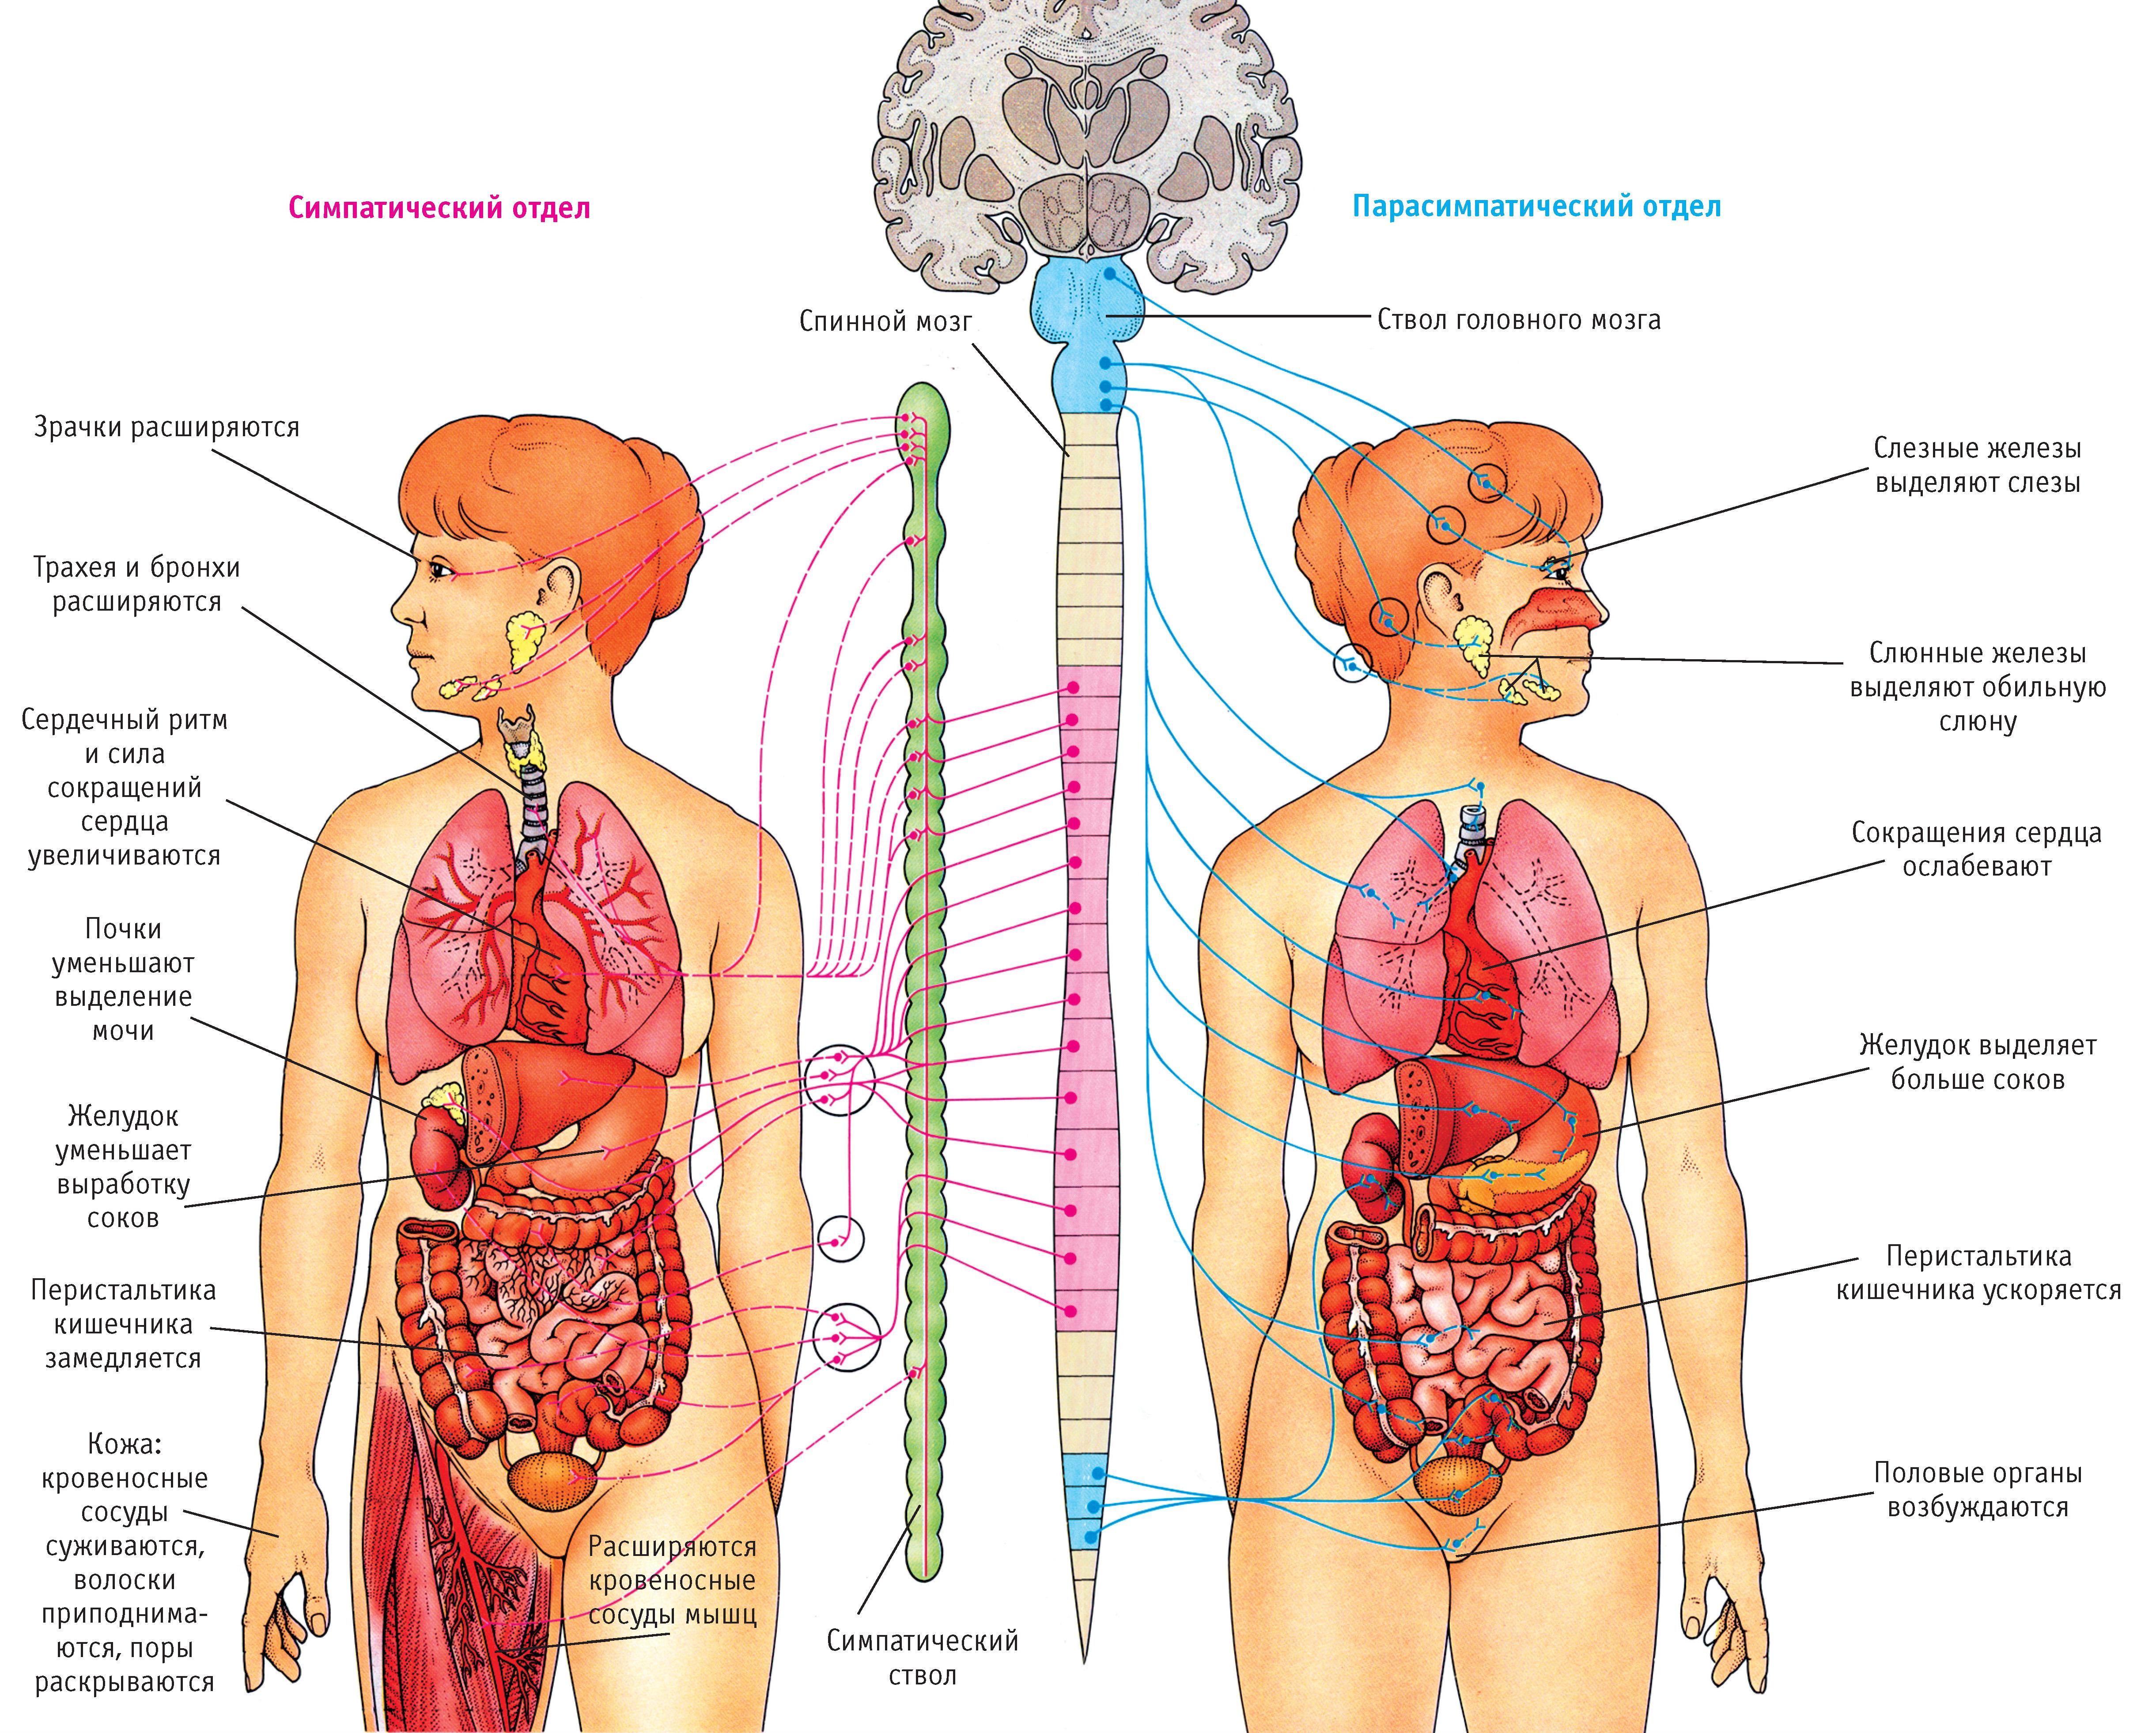 Внутренние органы женщины расположение в картинках